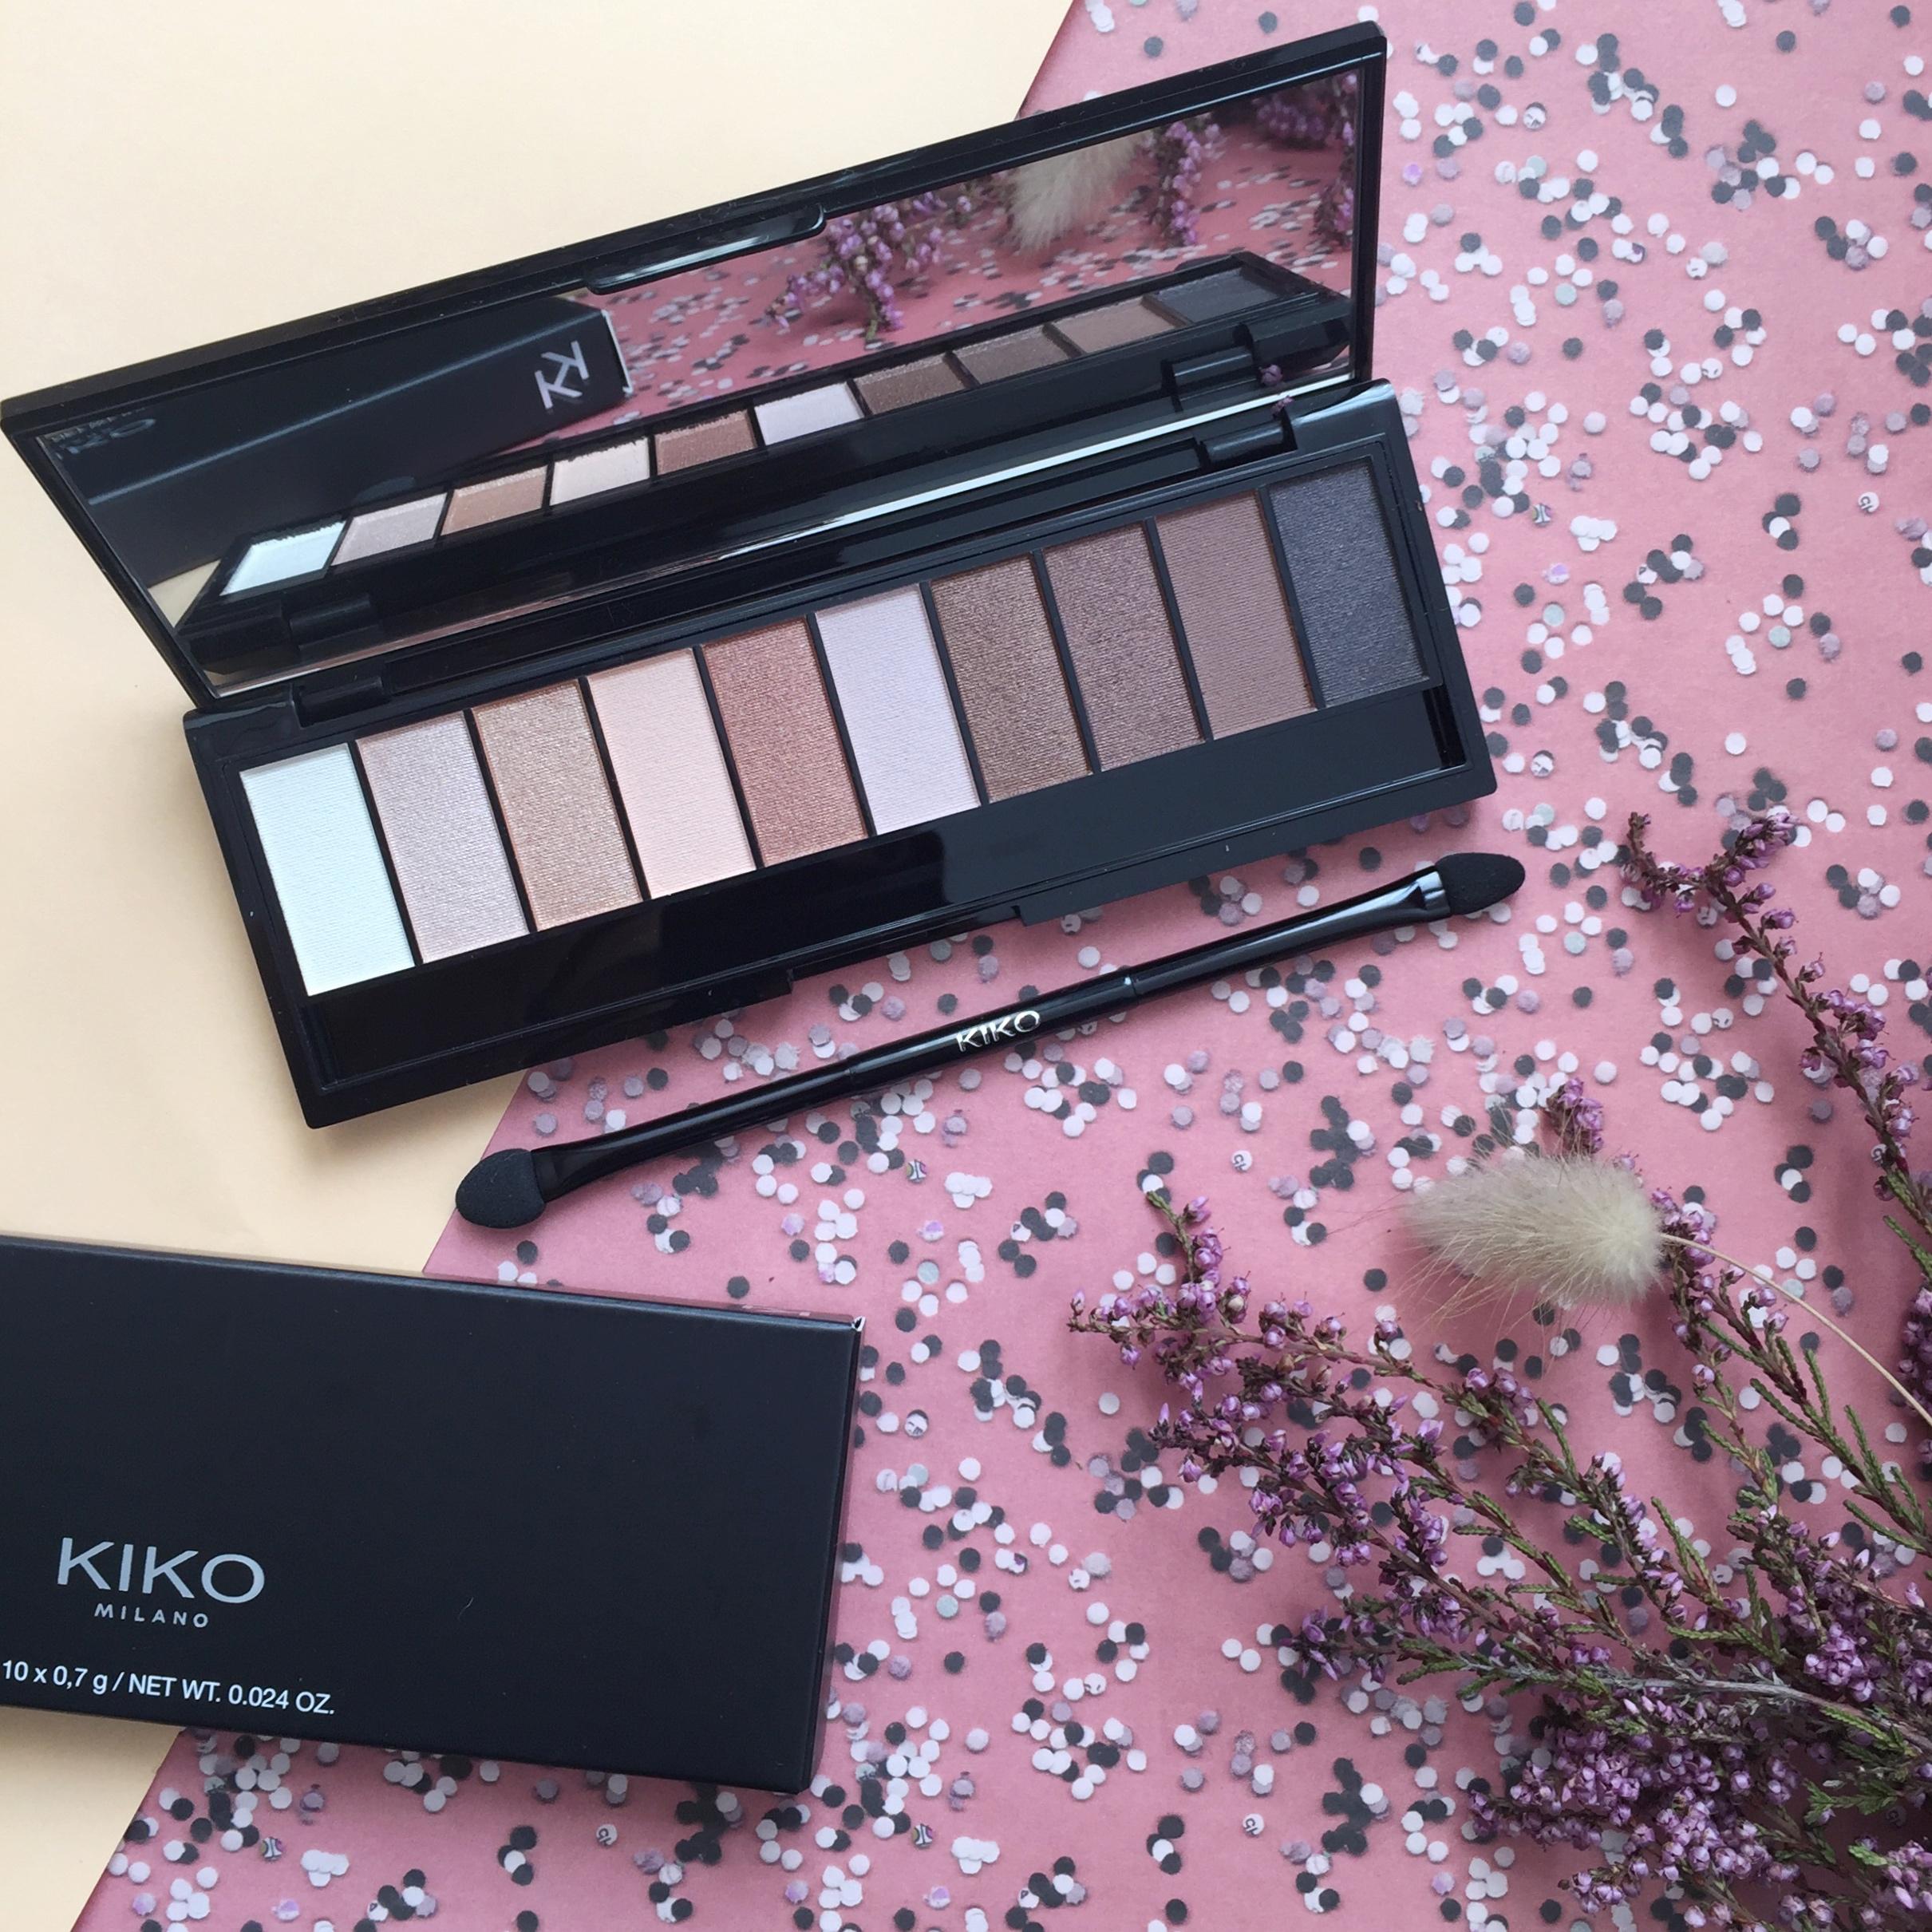 Kiko palette paupières sélection shopping beauté noel - blog Camille In Bordeaux